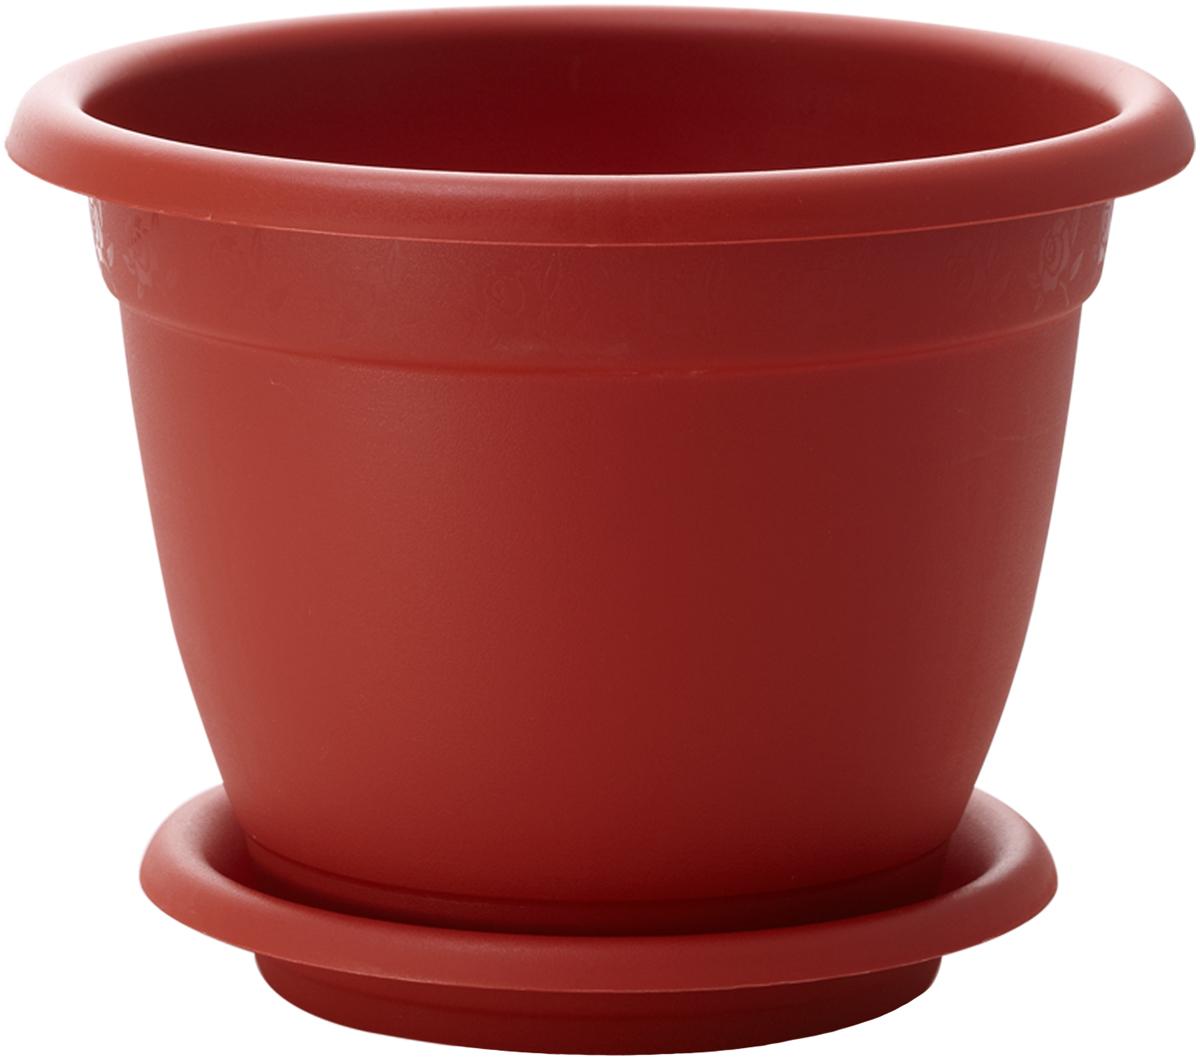 Горшок для цветов InGreen Борнео, с поддоном, цвет: терракотовый, диаметр 17 смZ-0307Горшок InGreen Борнео, выполненный из высококачественного полипропилена, имеет дренажные отверстия, что способствует выведению лишней влаги из почвы и предотвращает гниение корневой системы растения. К горшку прилагается круглый поддон. Он прочно фиксируется к изделию, благодаря специальной крепежной системе, обеспечивая удобство эксплуатации. Между стенкой горшка и поддоном есть зазор, который позволяет испаряться лишней влаге и дает возможность прикорневого полива растения. Предназначен для выращивания цветов, растений и трав.Такой горшок порадует вас современным дизайном и функциональностью, а также оригинально украсит интерьер помещения.Диаметр горшка: 17 см.Высота горшка: 13,5 см.Диаметр поддона: 13 см.